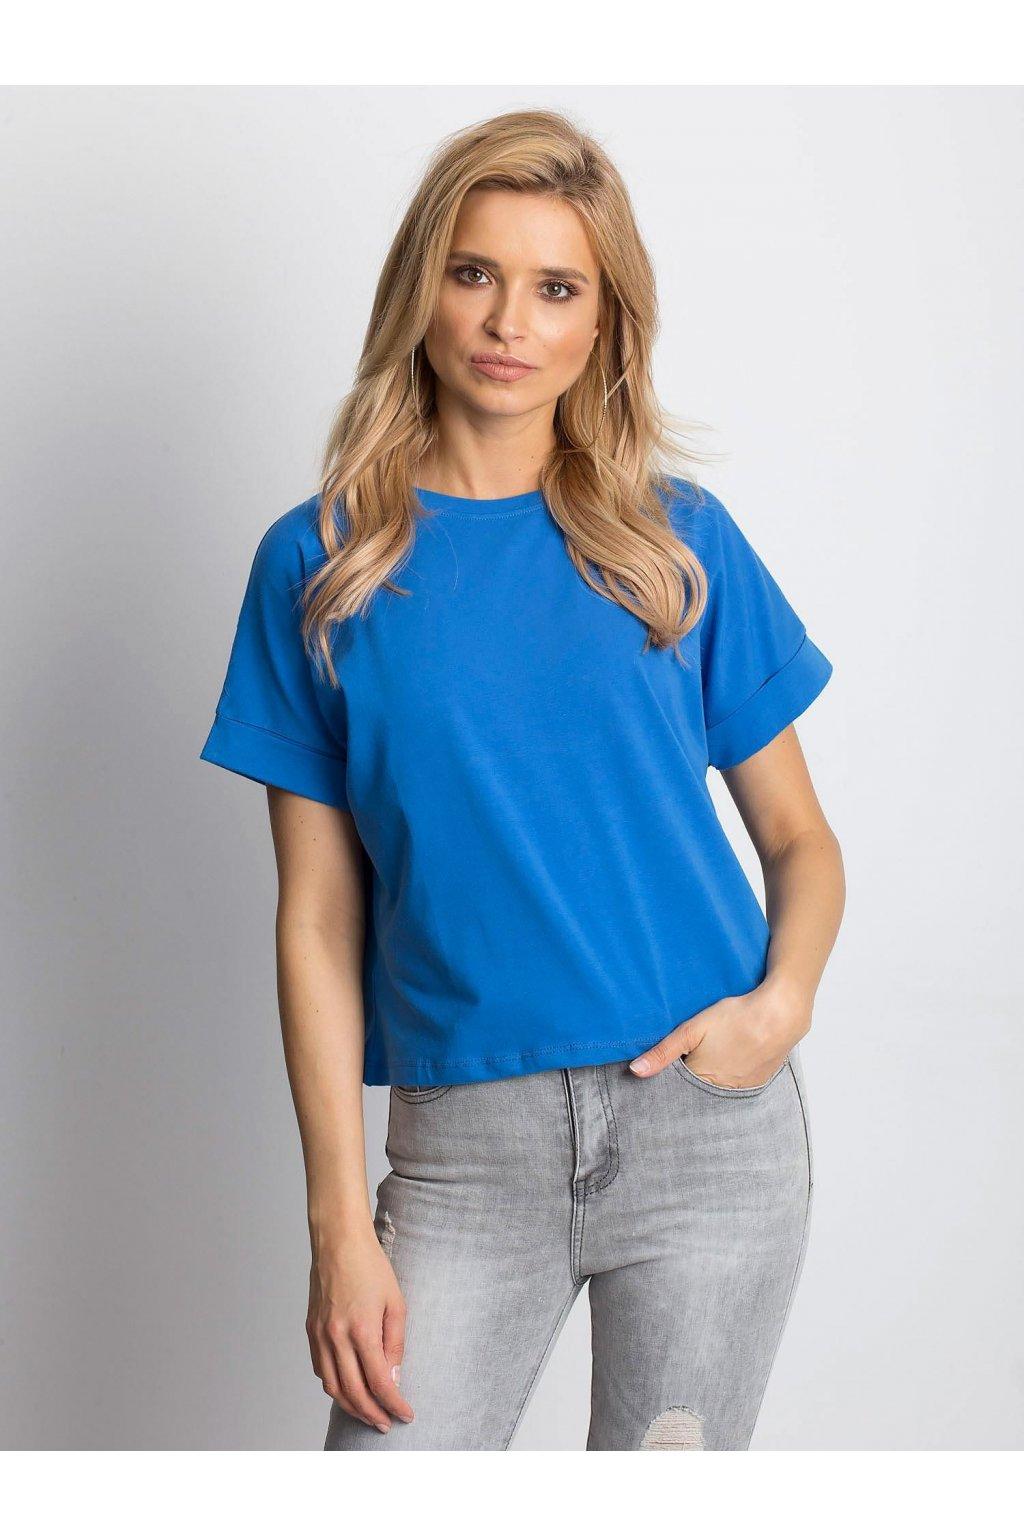 Dámske tričko jednofarebné kód RV-TS-4841.62P